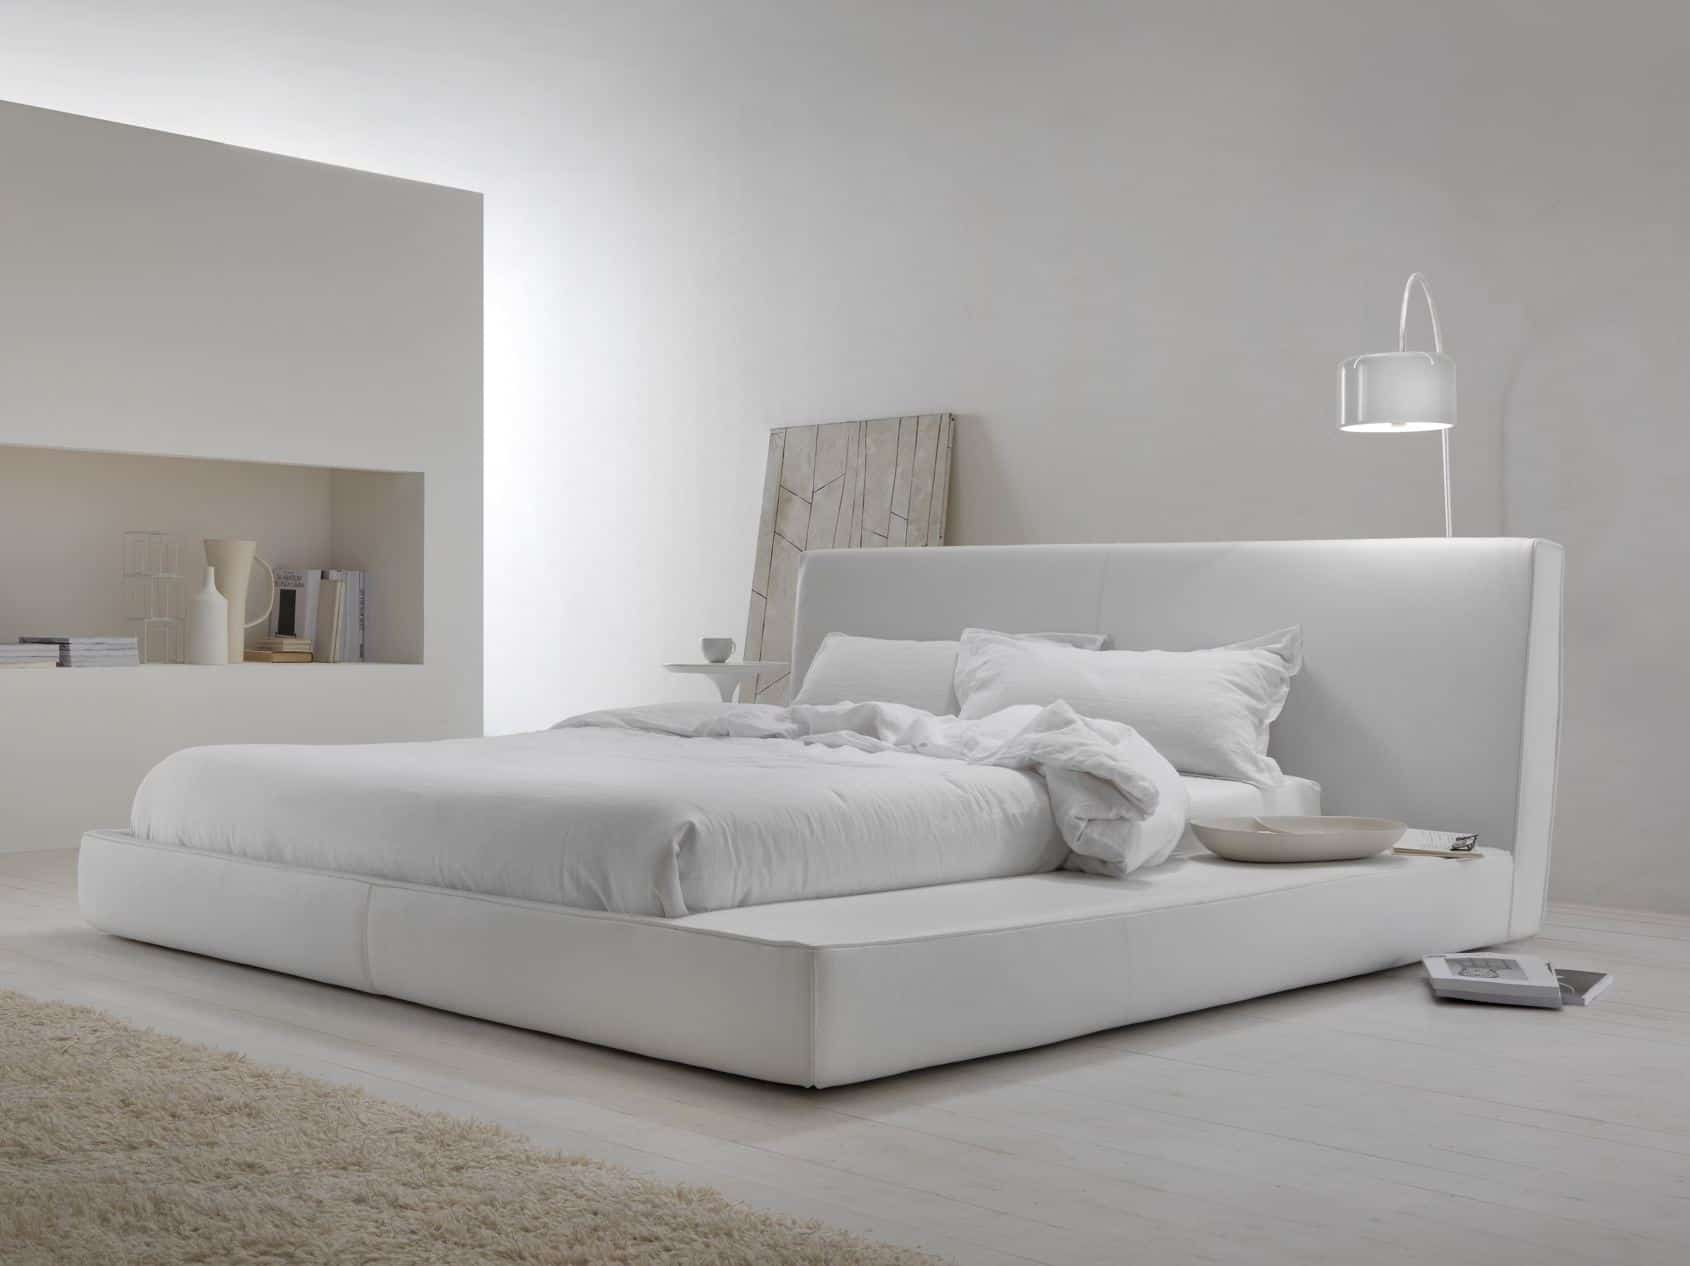 50 Modern Bedroom Design Ideas on Minimalist Modern Bedroom Design  id=40140